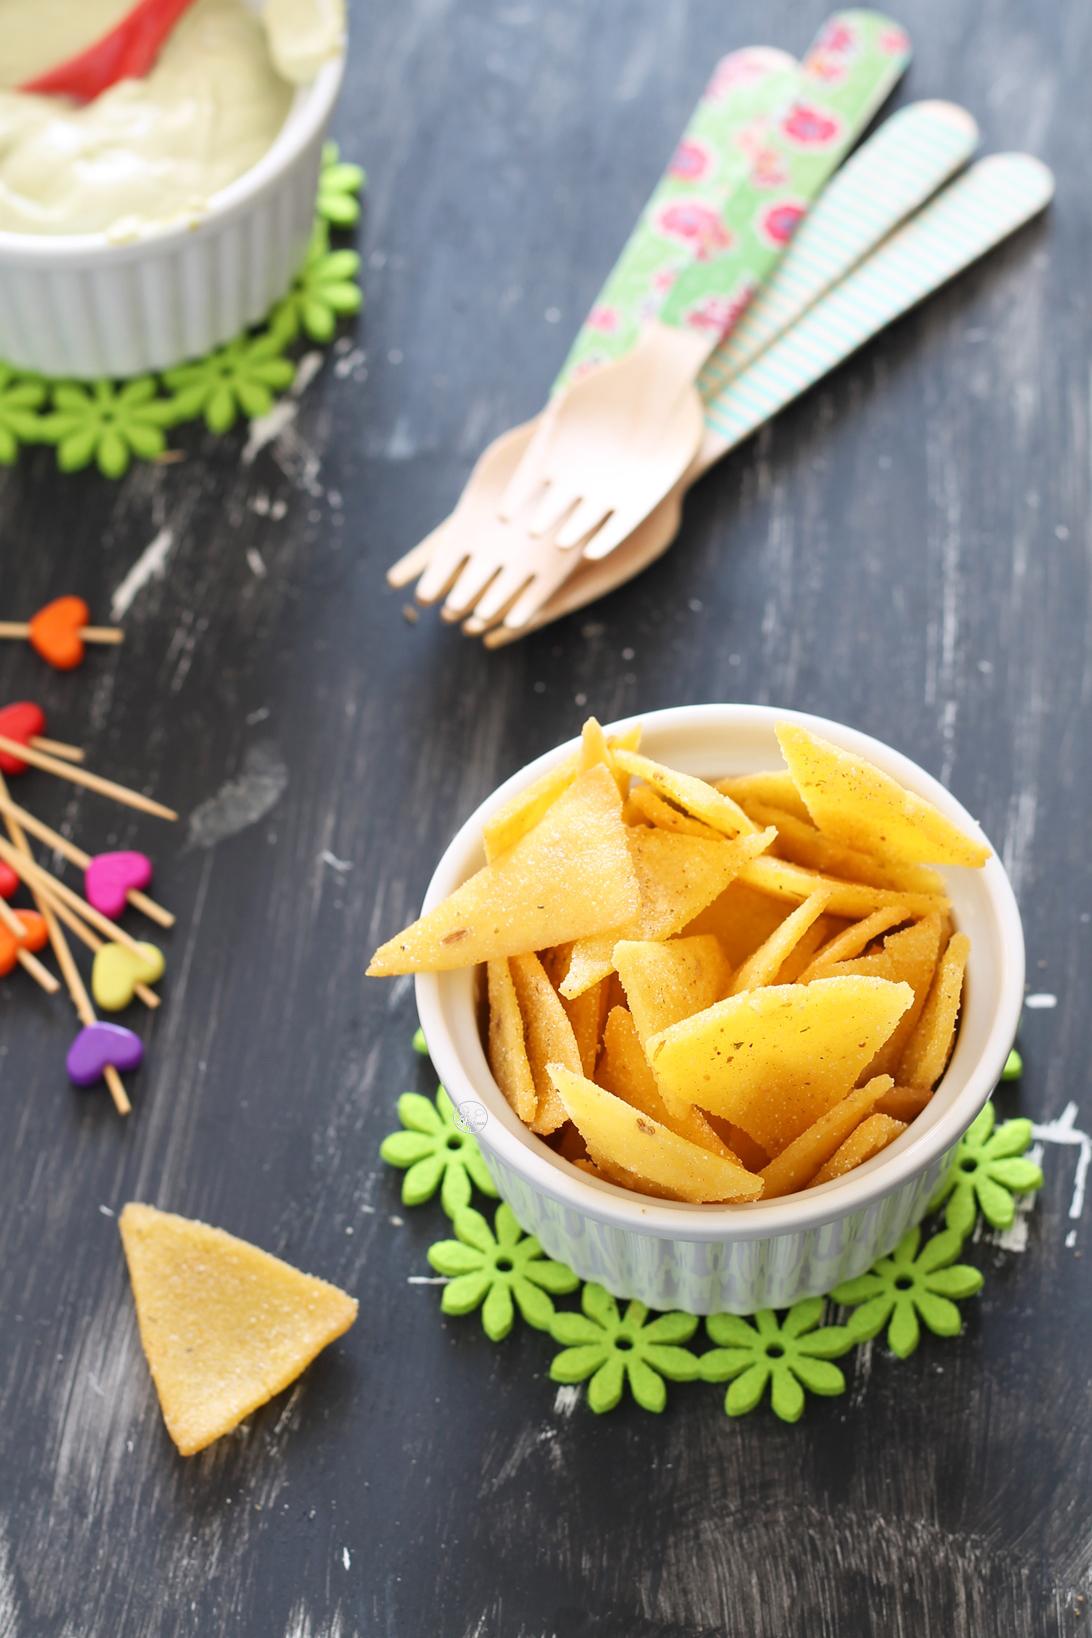 Ricetta Nachos Senza Glutine.Nachos Senza Glutine Home Made La Cassata Celiaca